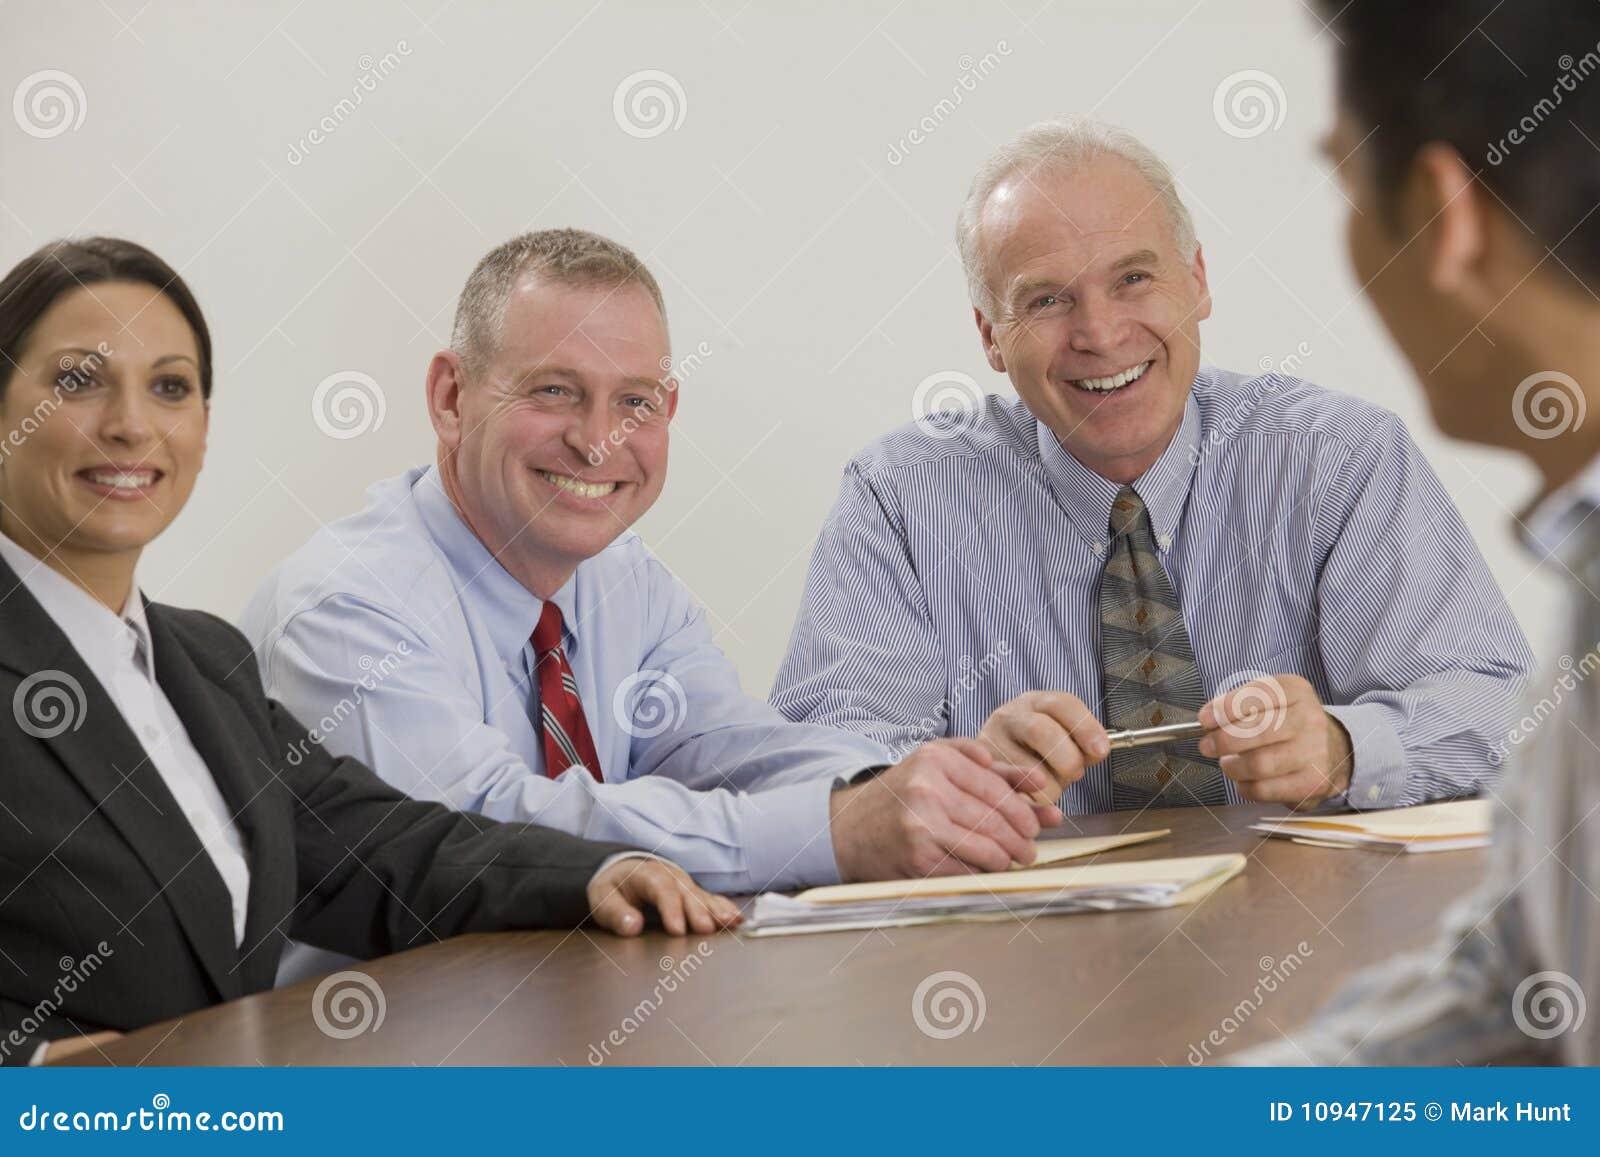 бизнесмен его команда